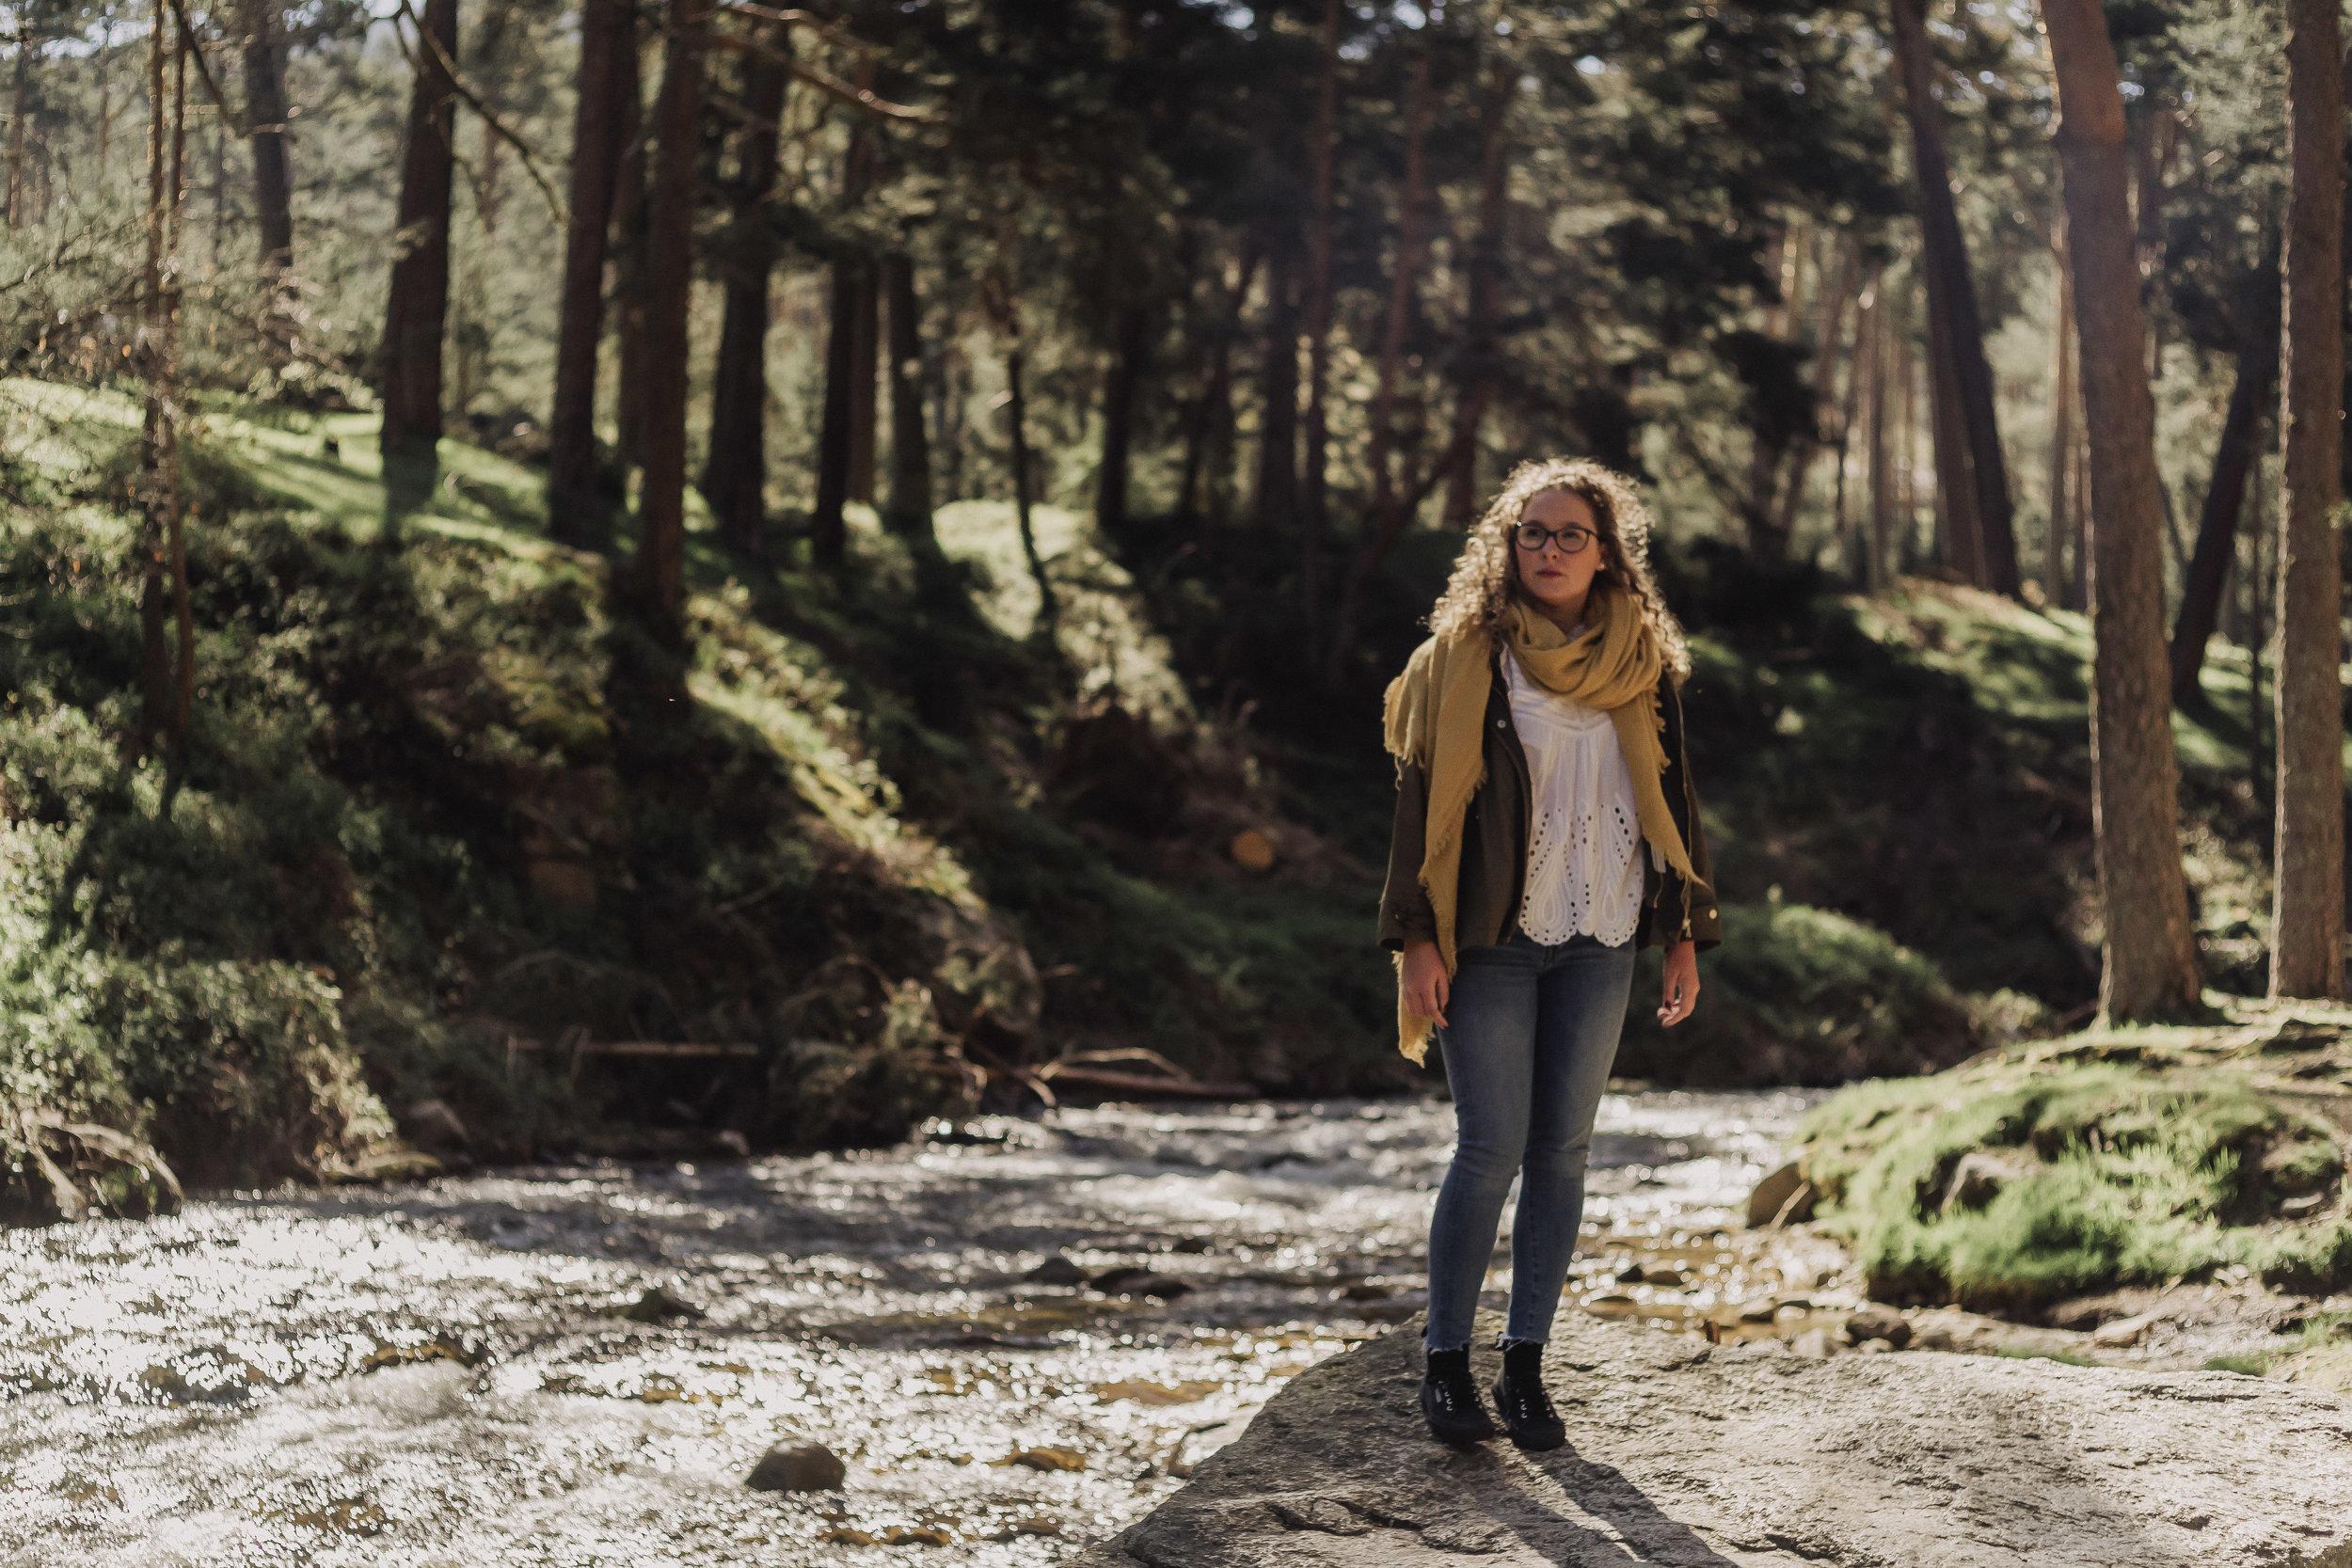 preboda-en- bosque-17.jpg